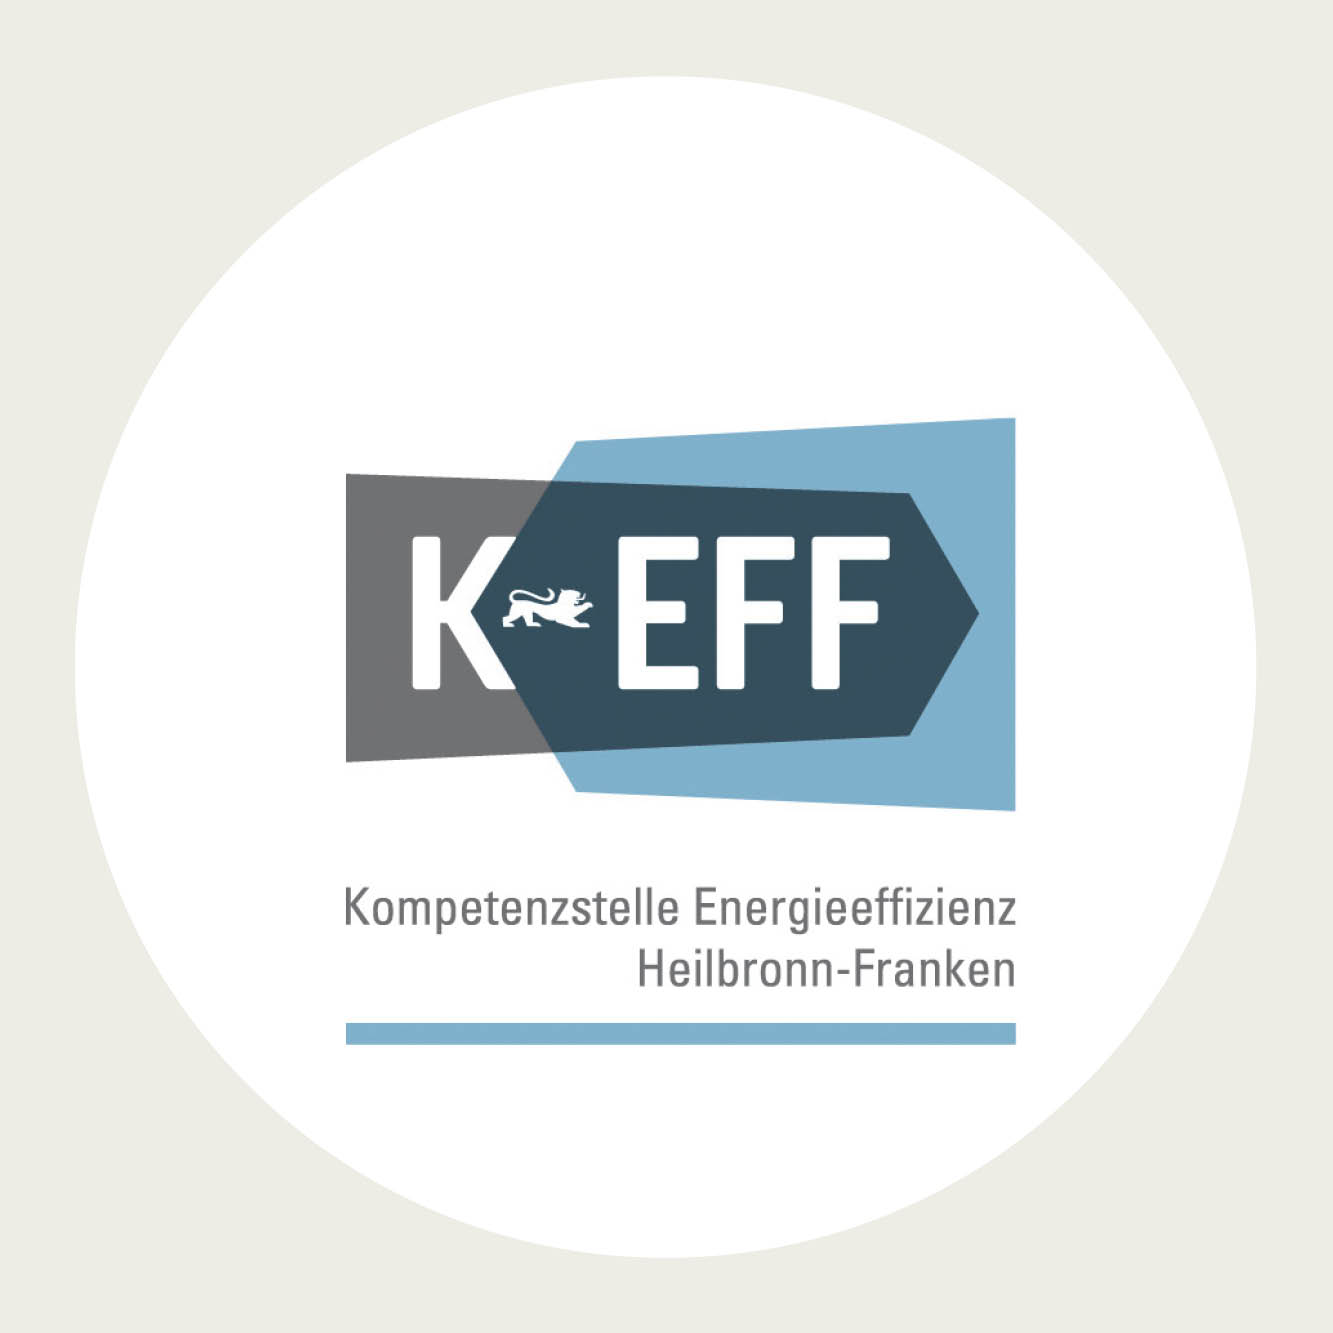 Logo KEFF